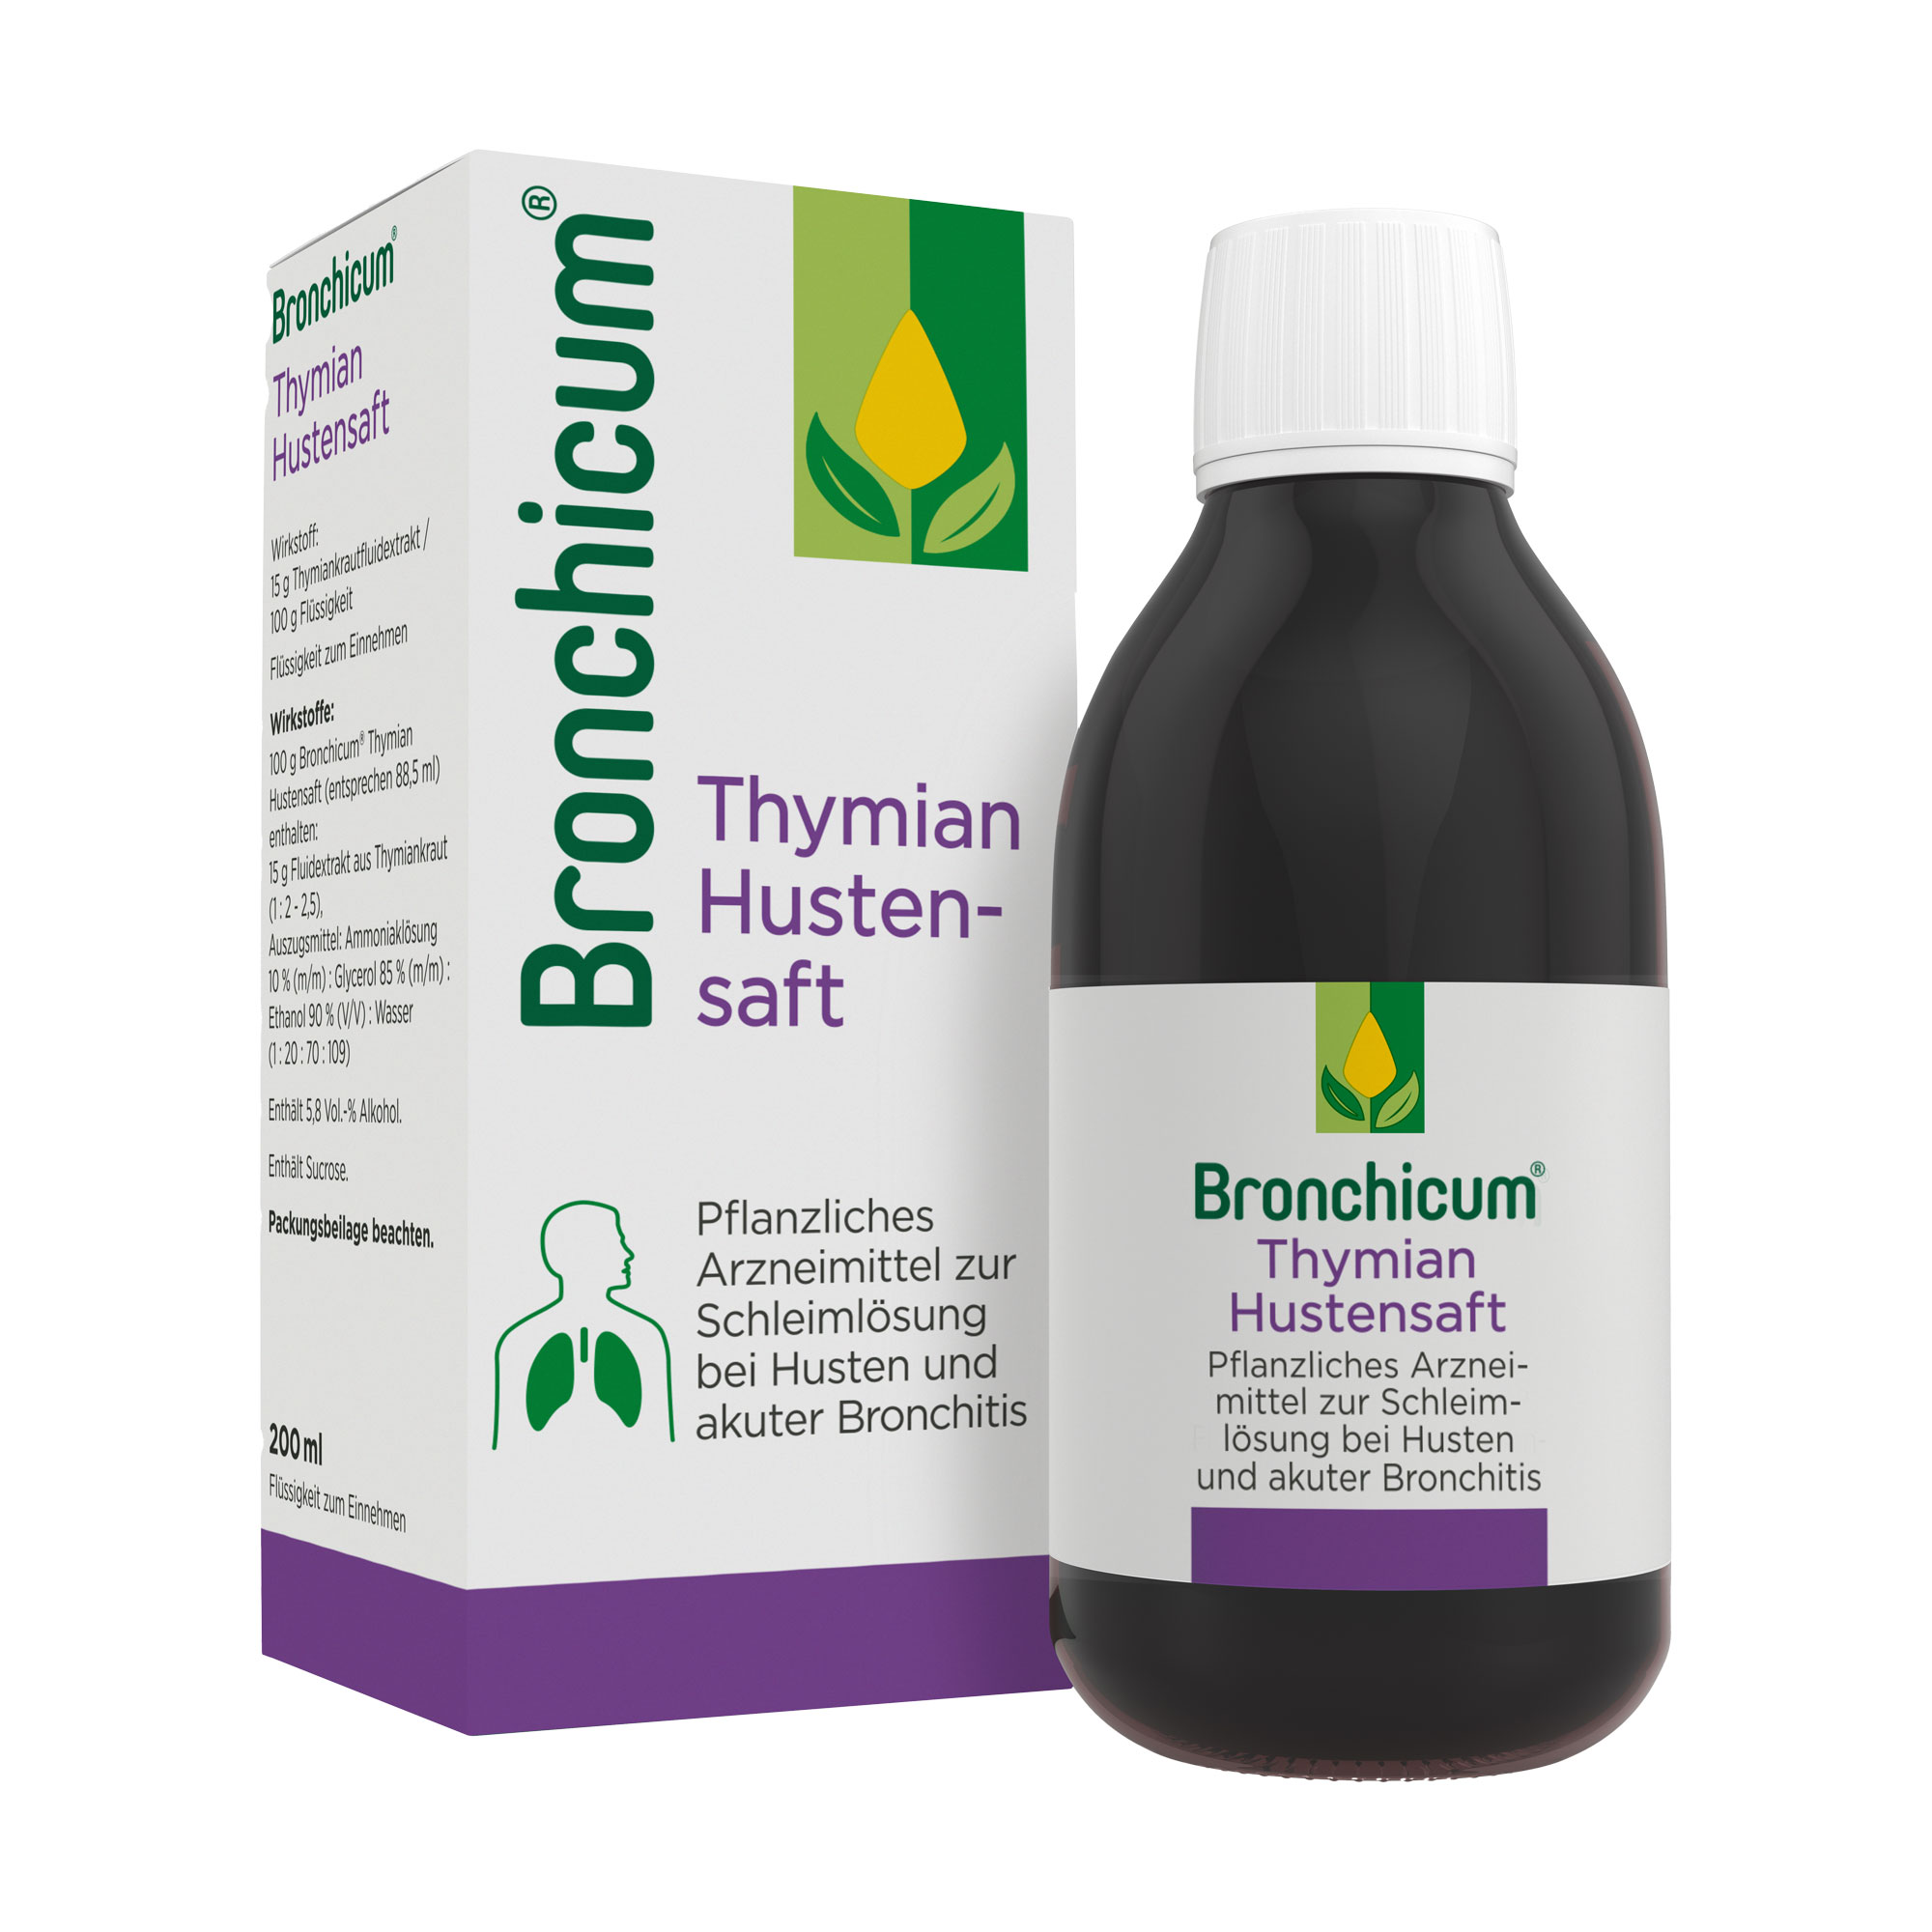 Bronchicum Thymian Hustensaft